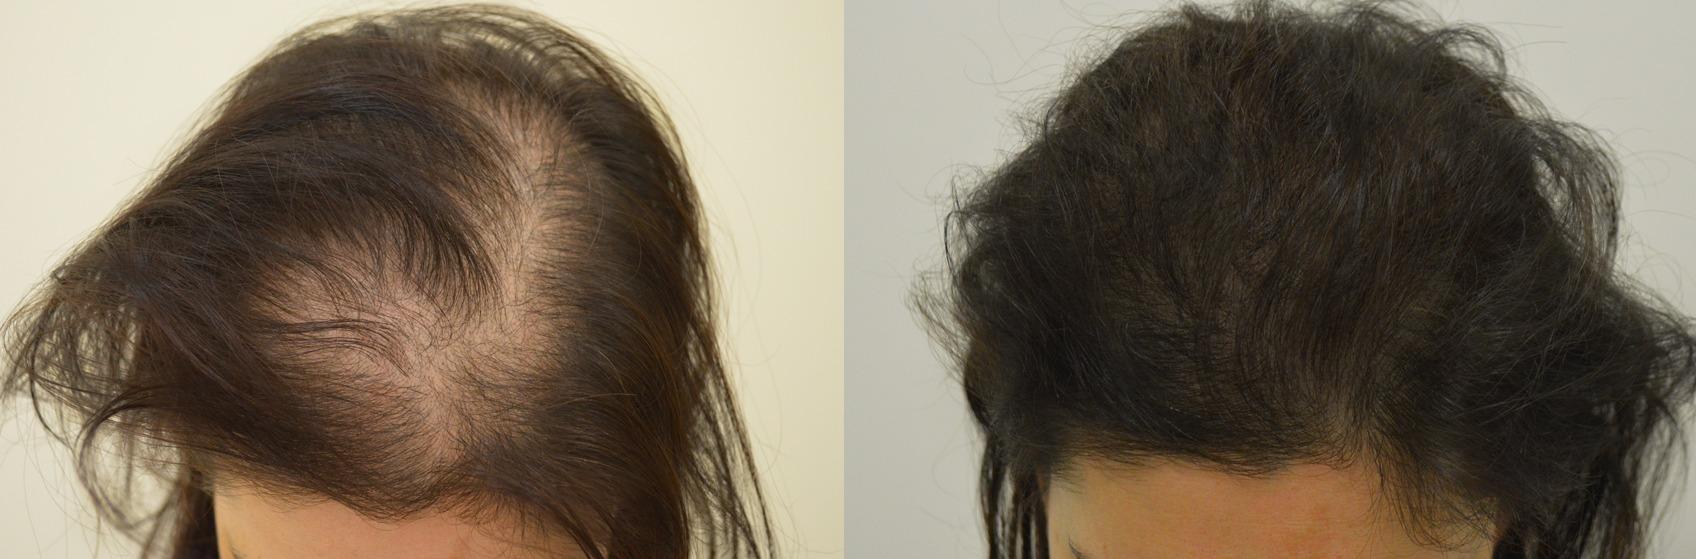 Caduta capelli post partum - Sanders